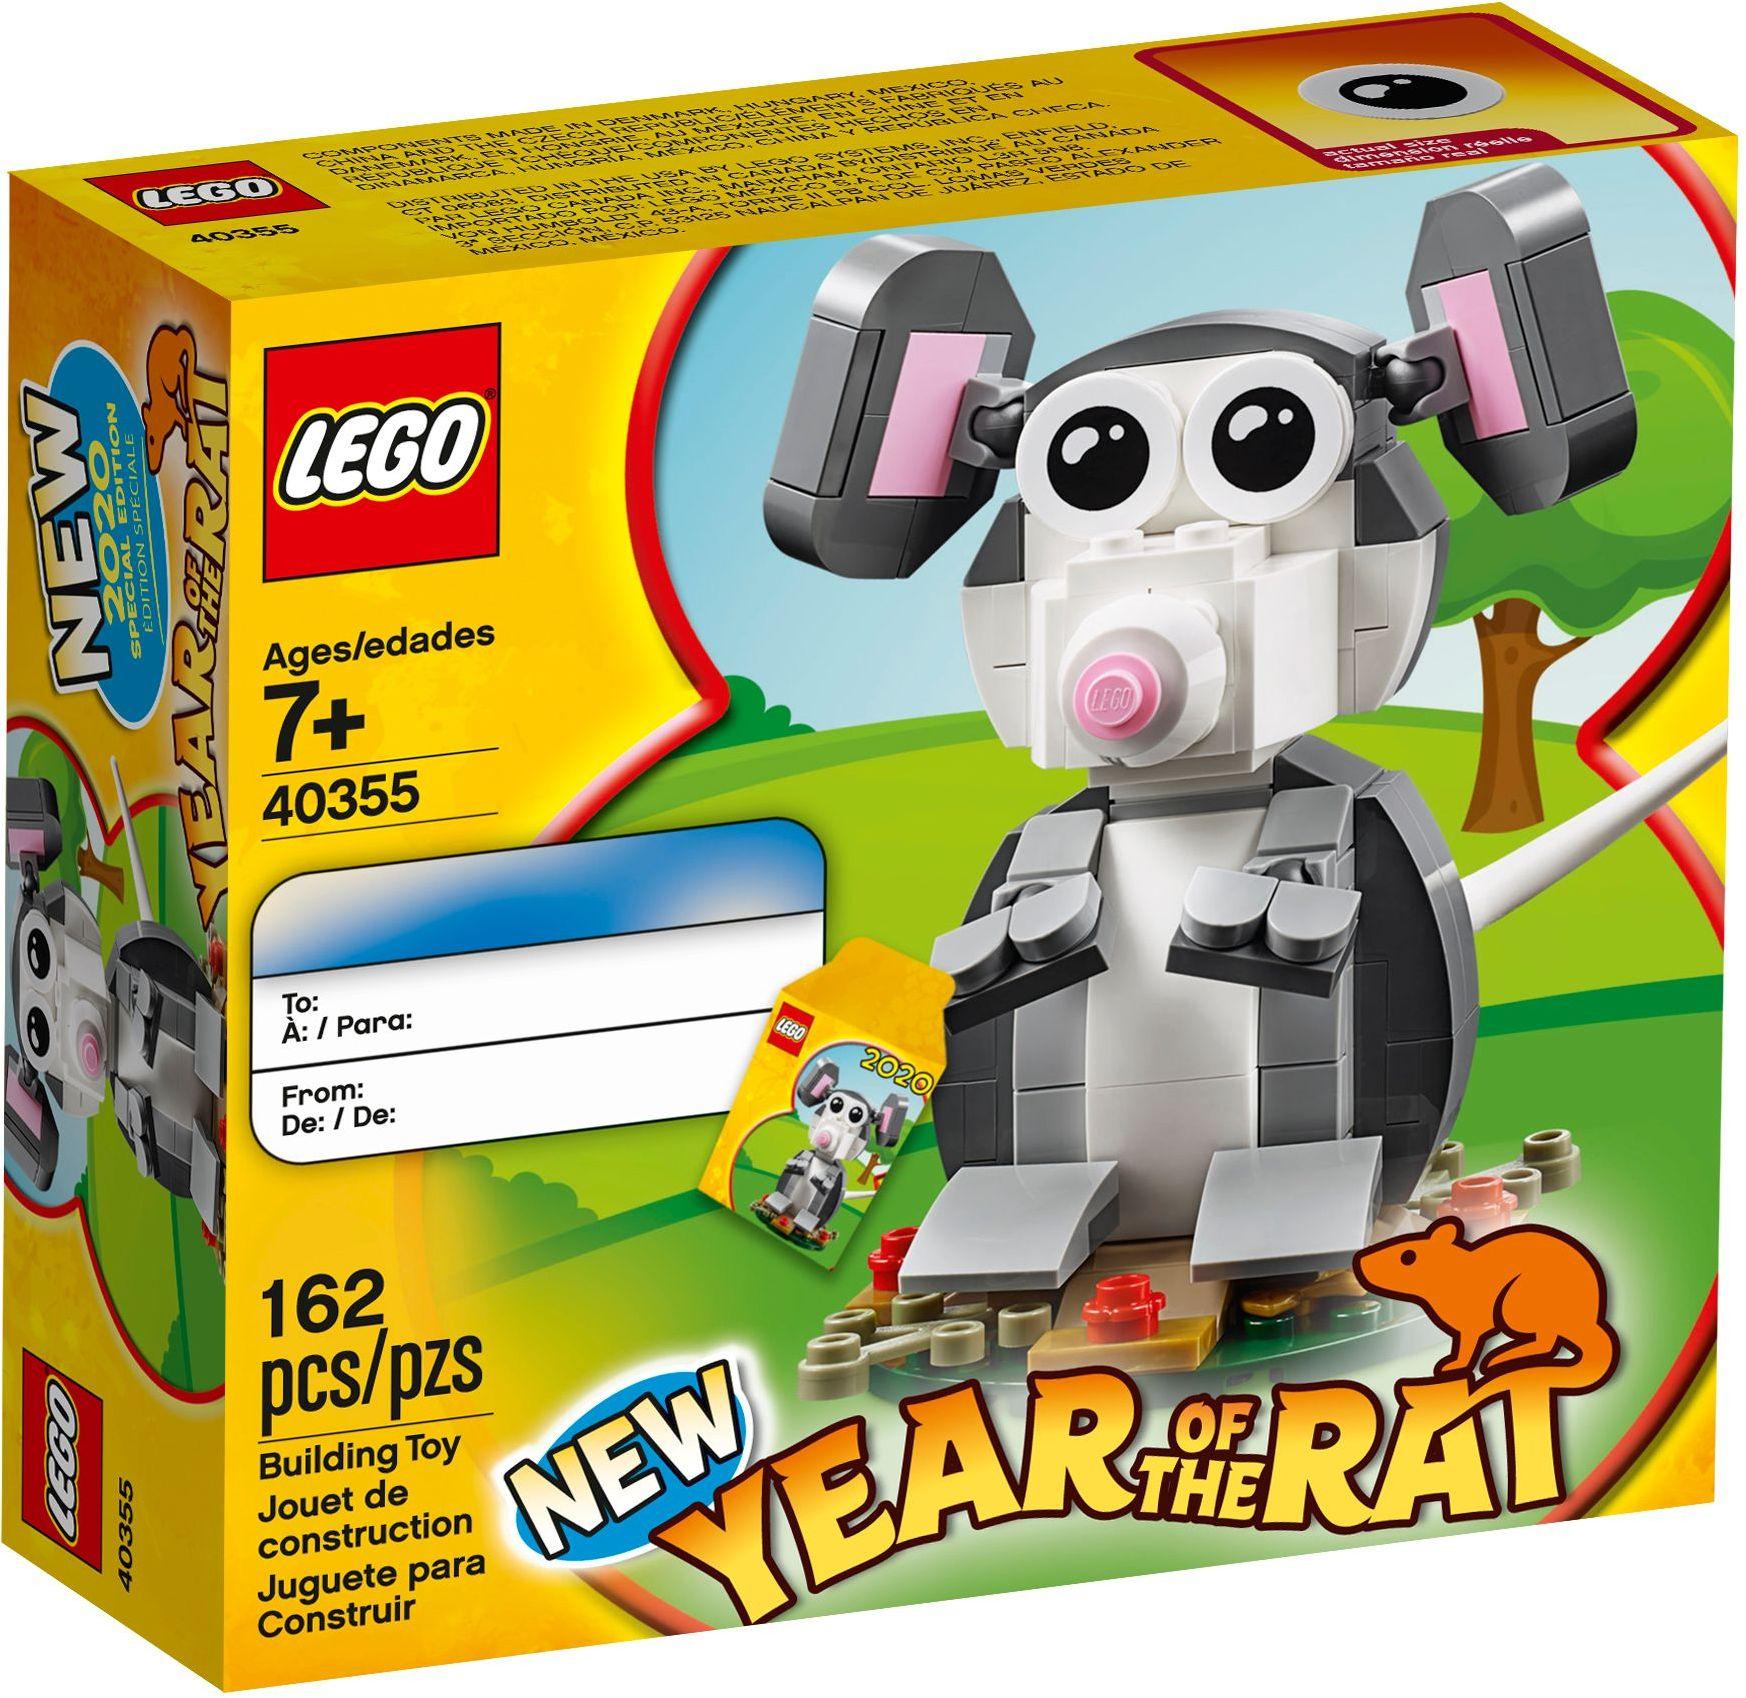 LEGO Het jaar van de Rat (40355) @A-Tembo